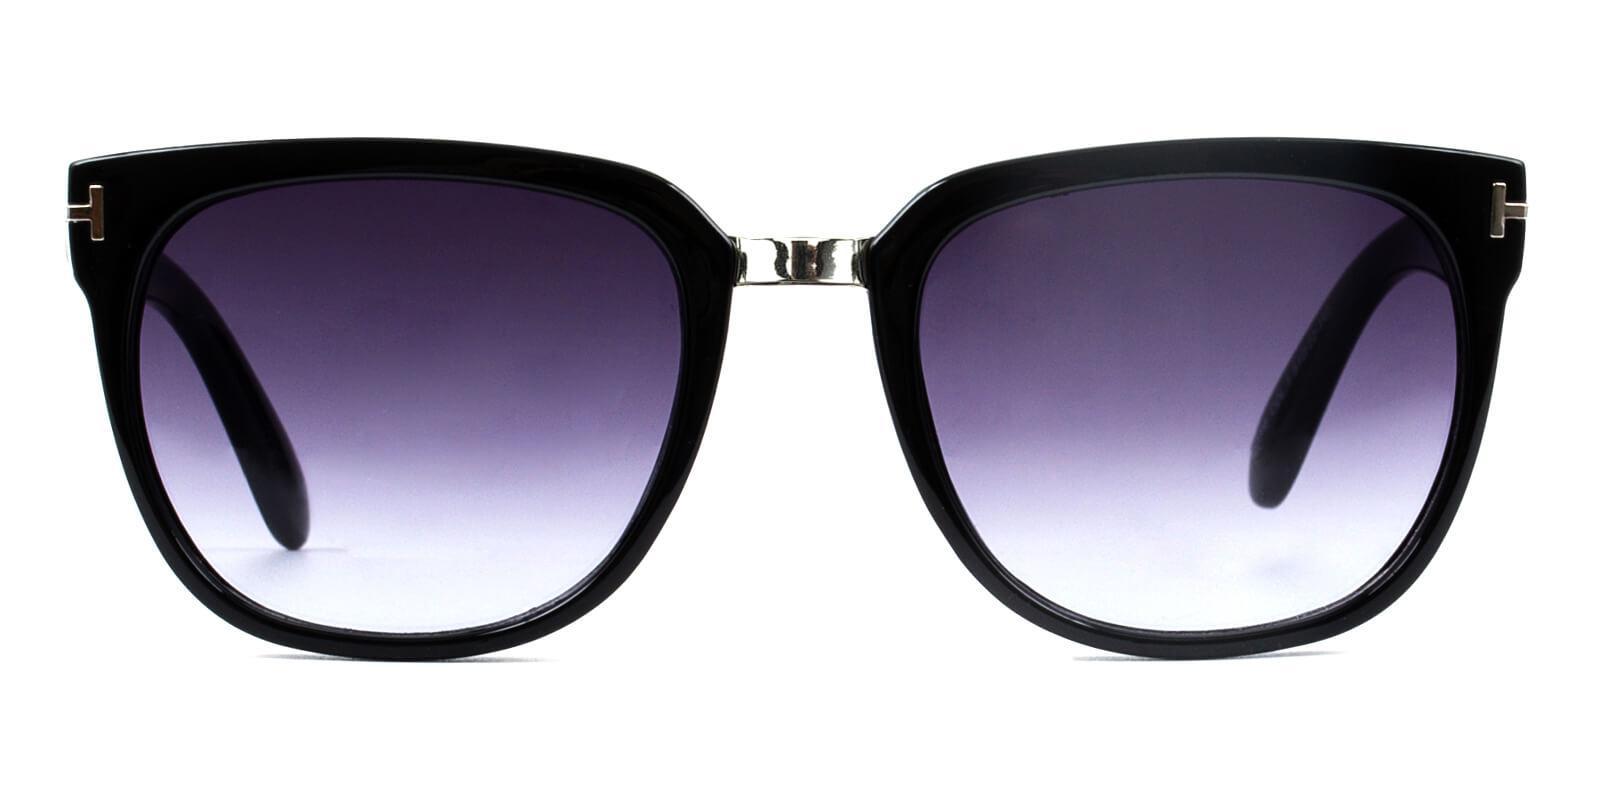 Vamp-Black-Square-Acetate-Sunglasses-additional2